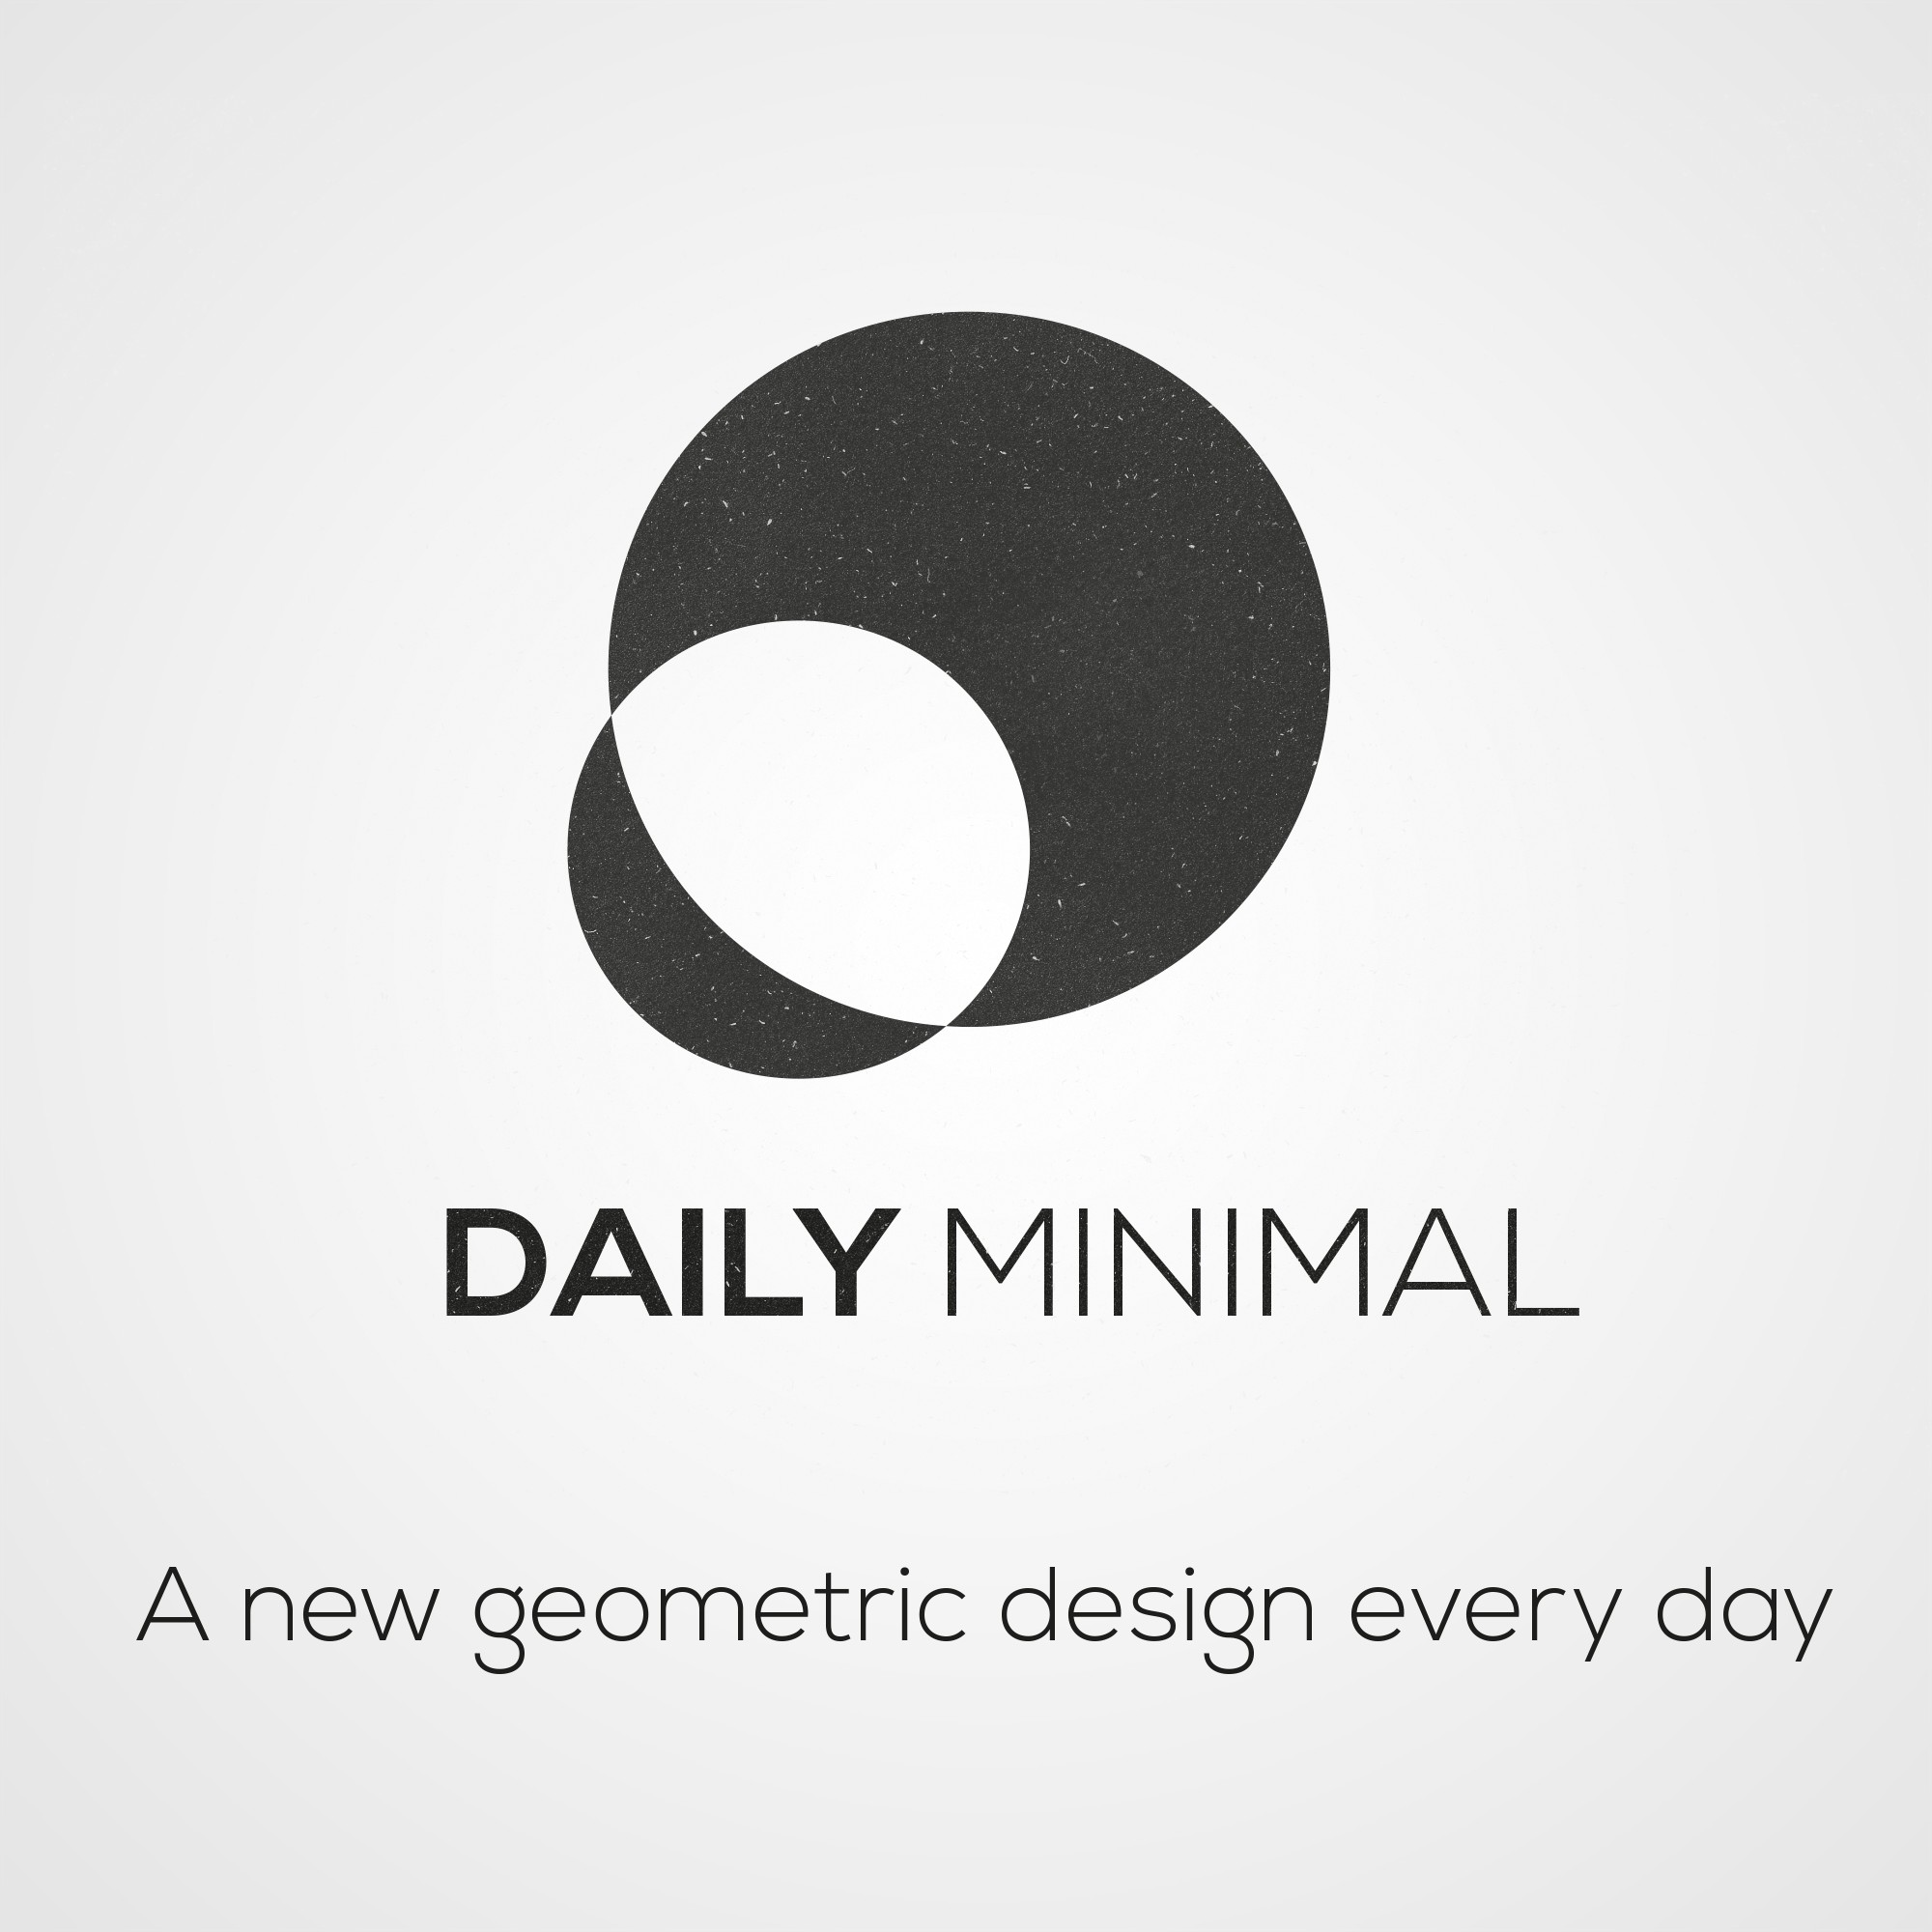 Daily Minimal